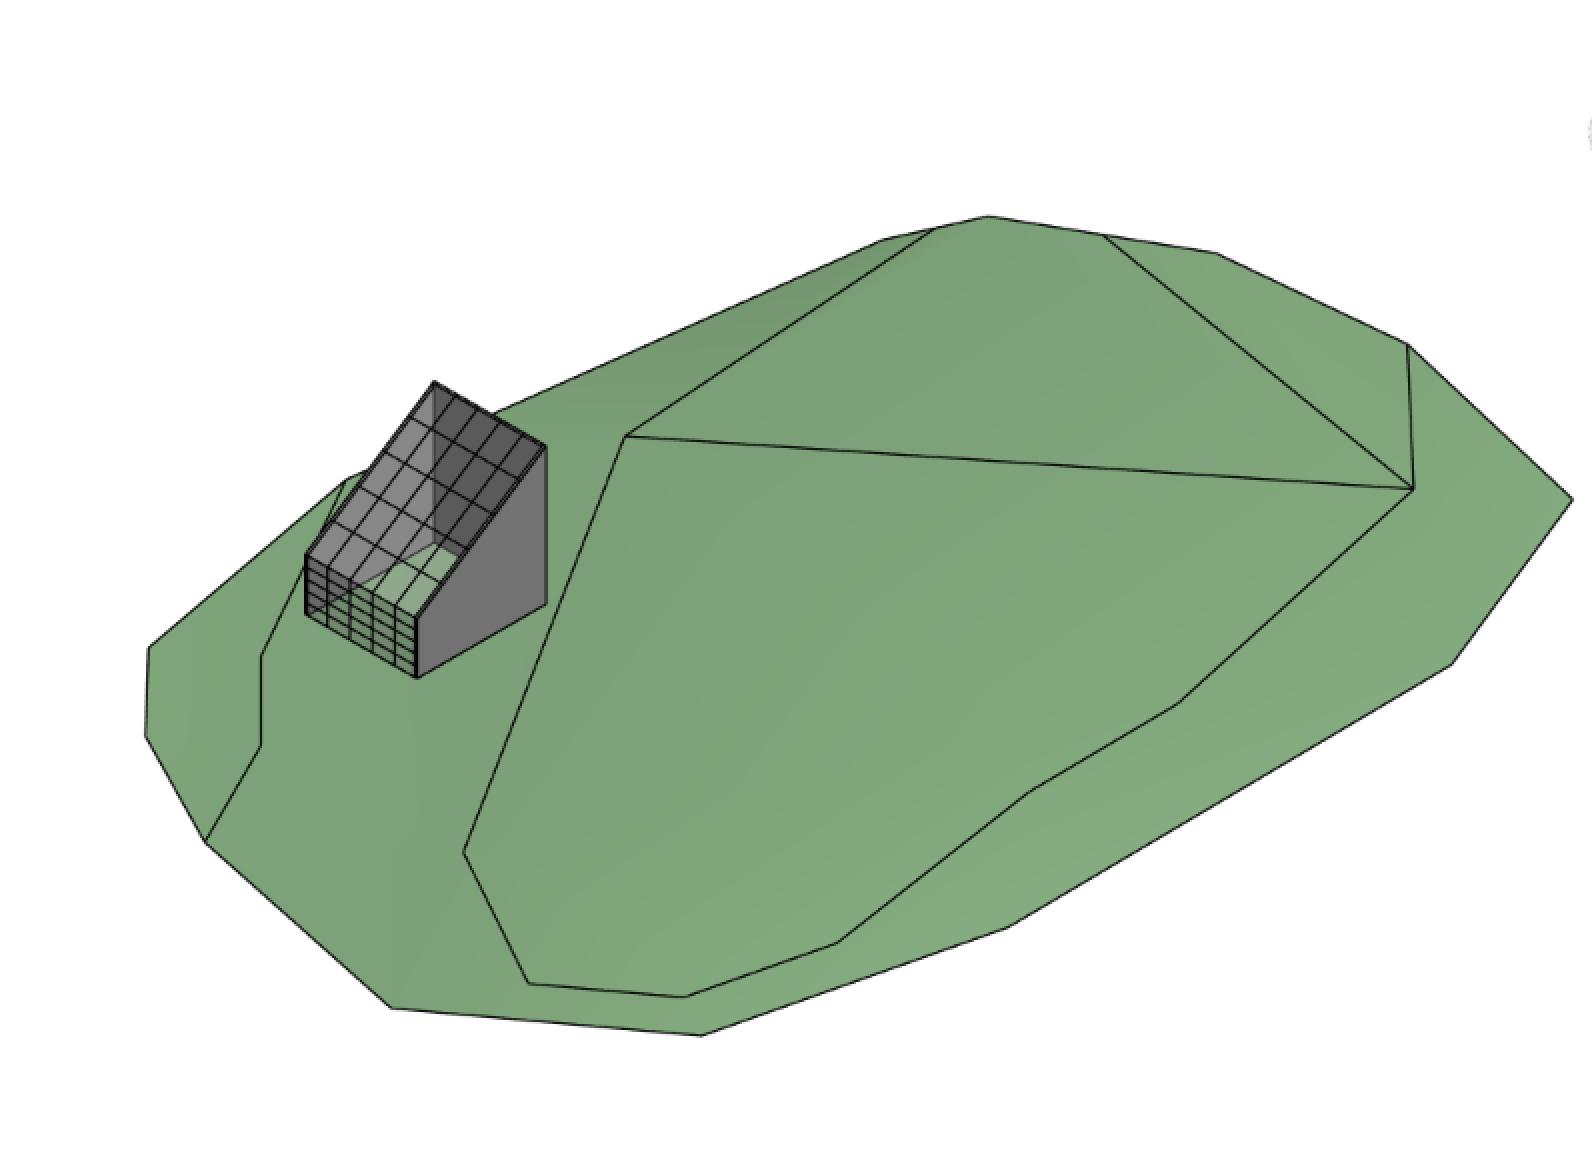 Esempio di massa preliminare posizionata sulla planimetria